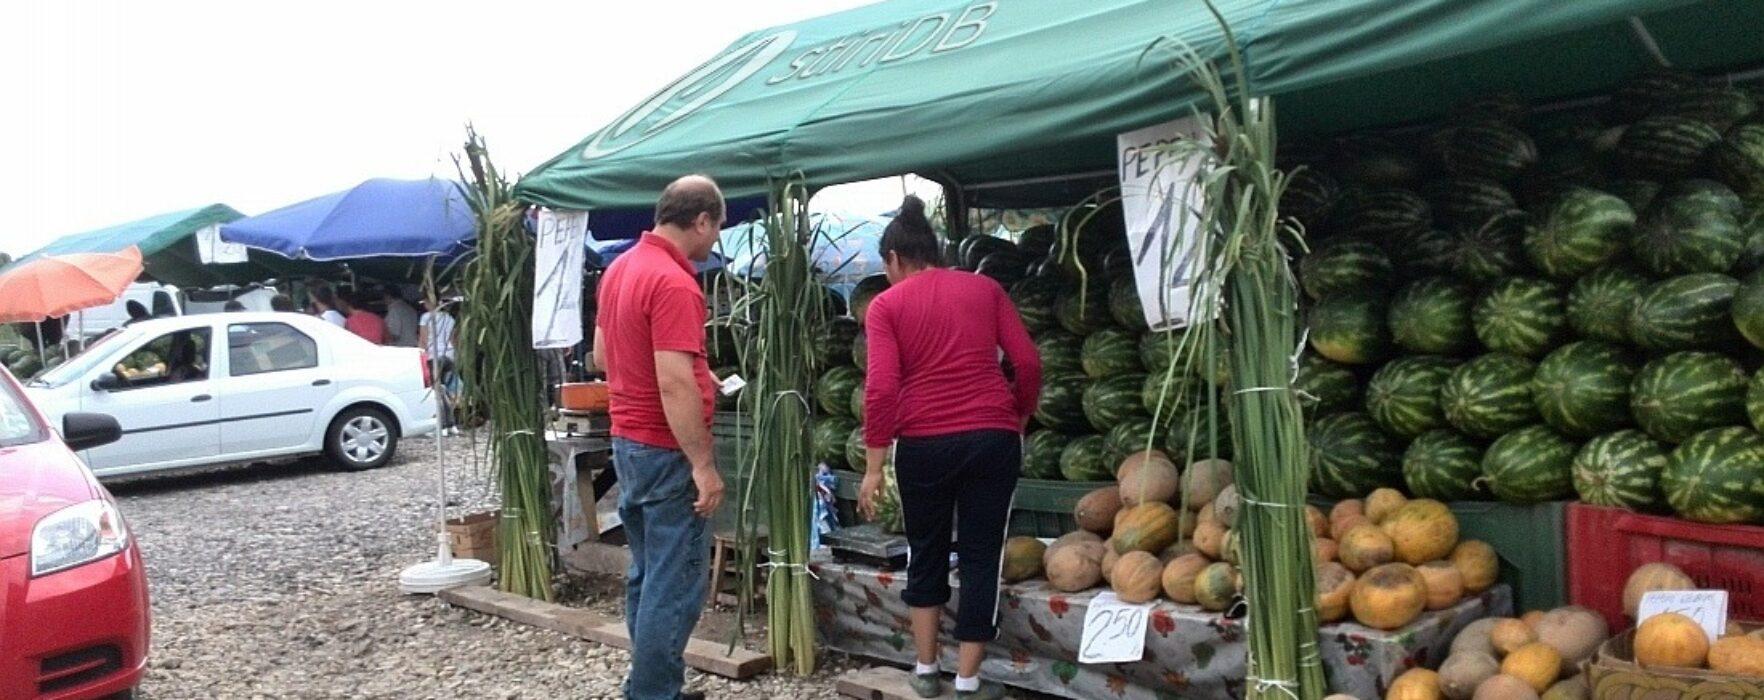 Piaţă ilegală în centrul Târgoviştei (foto)